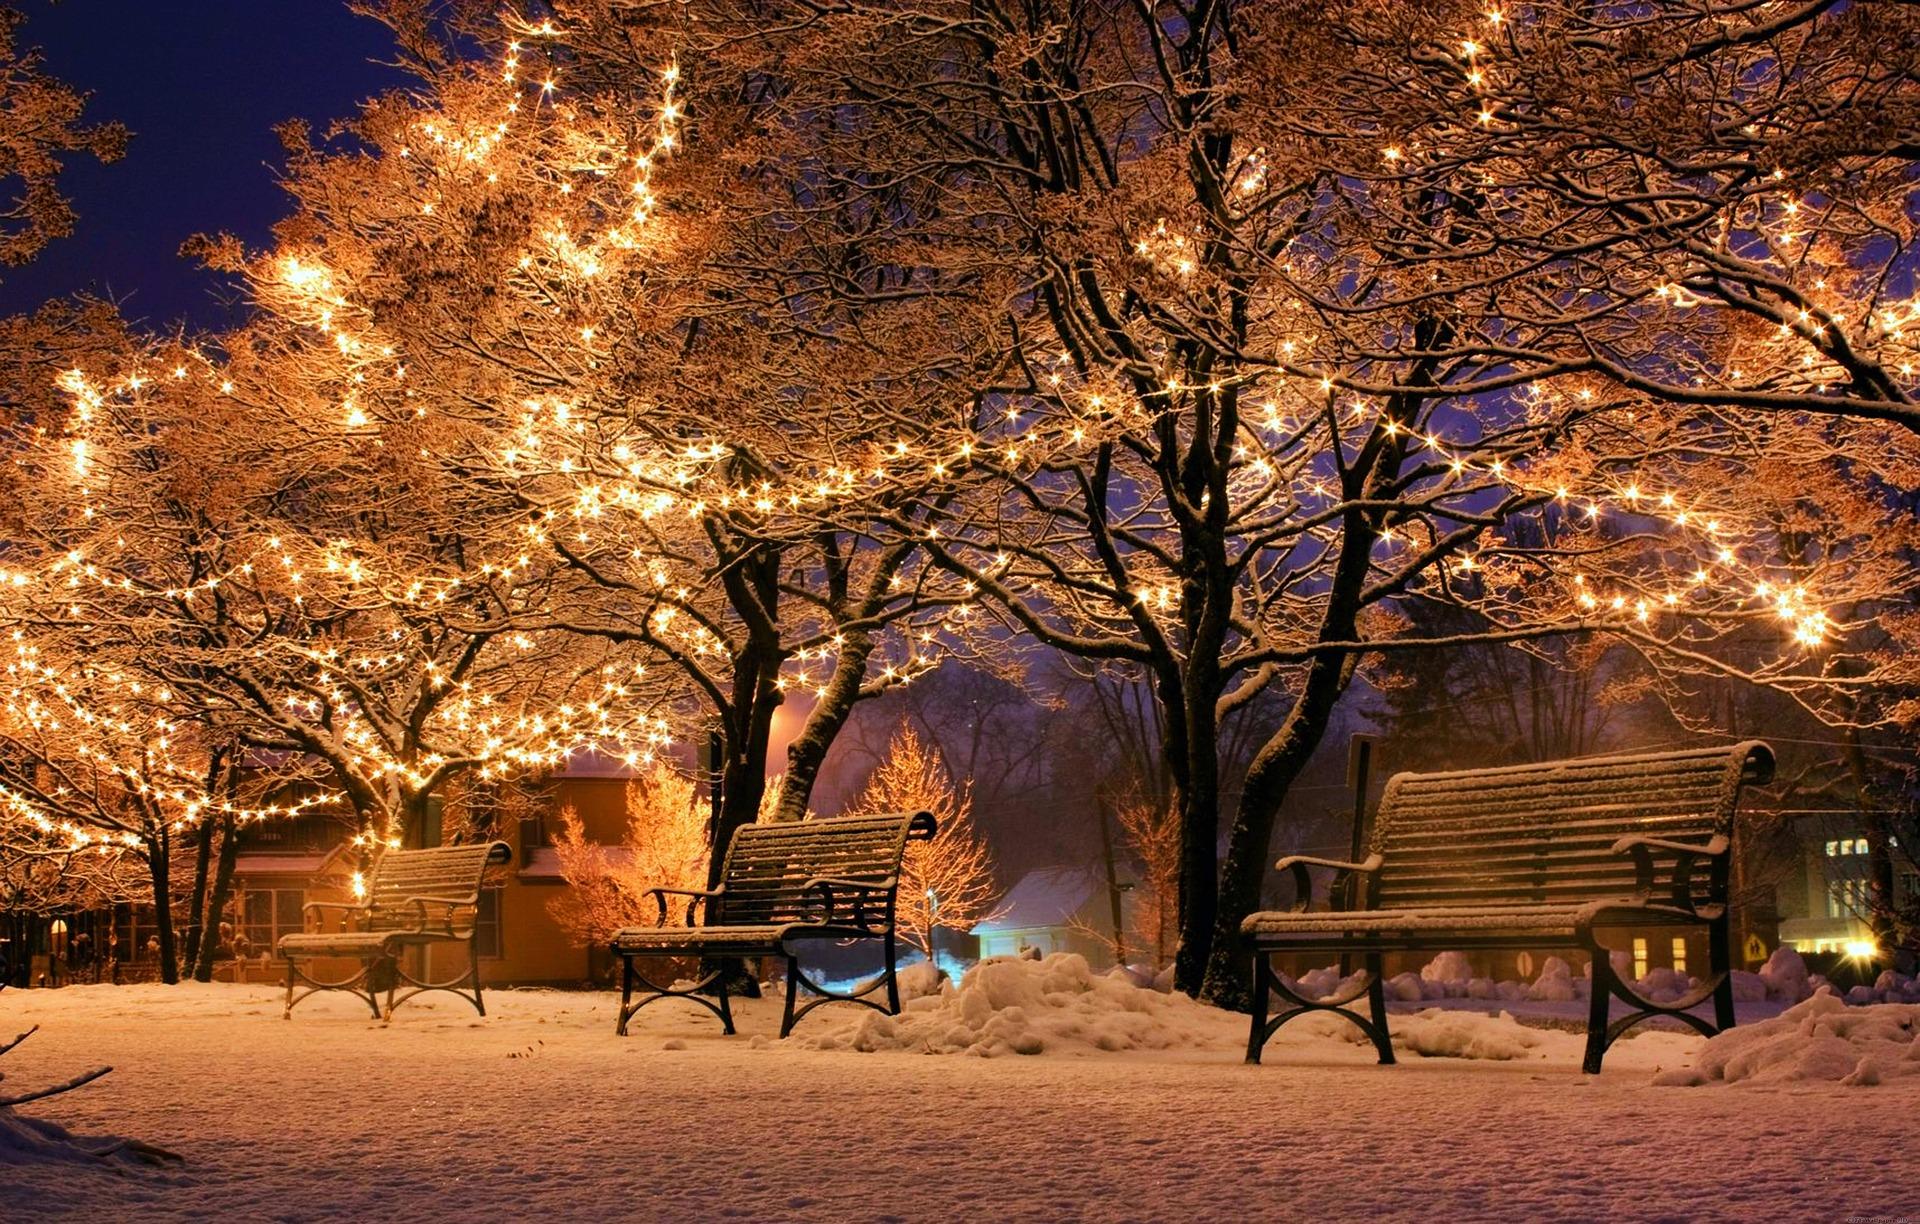 Hochwertige Weihnachtsbeleuchtung.Nachhaltige Weihnachtsbeleuchtung Nacht Licht